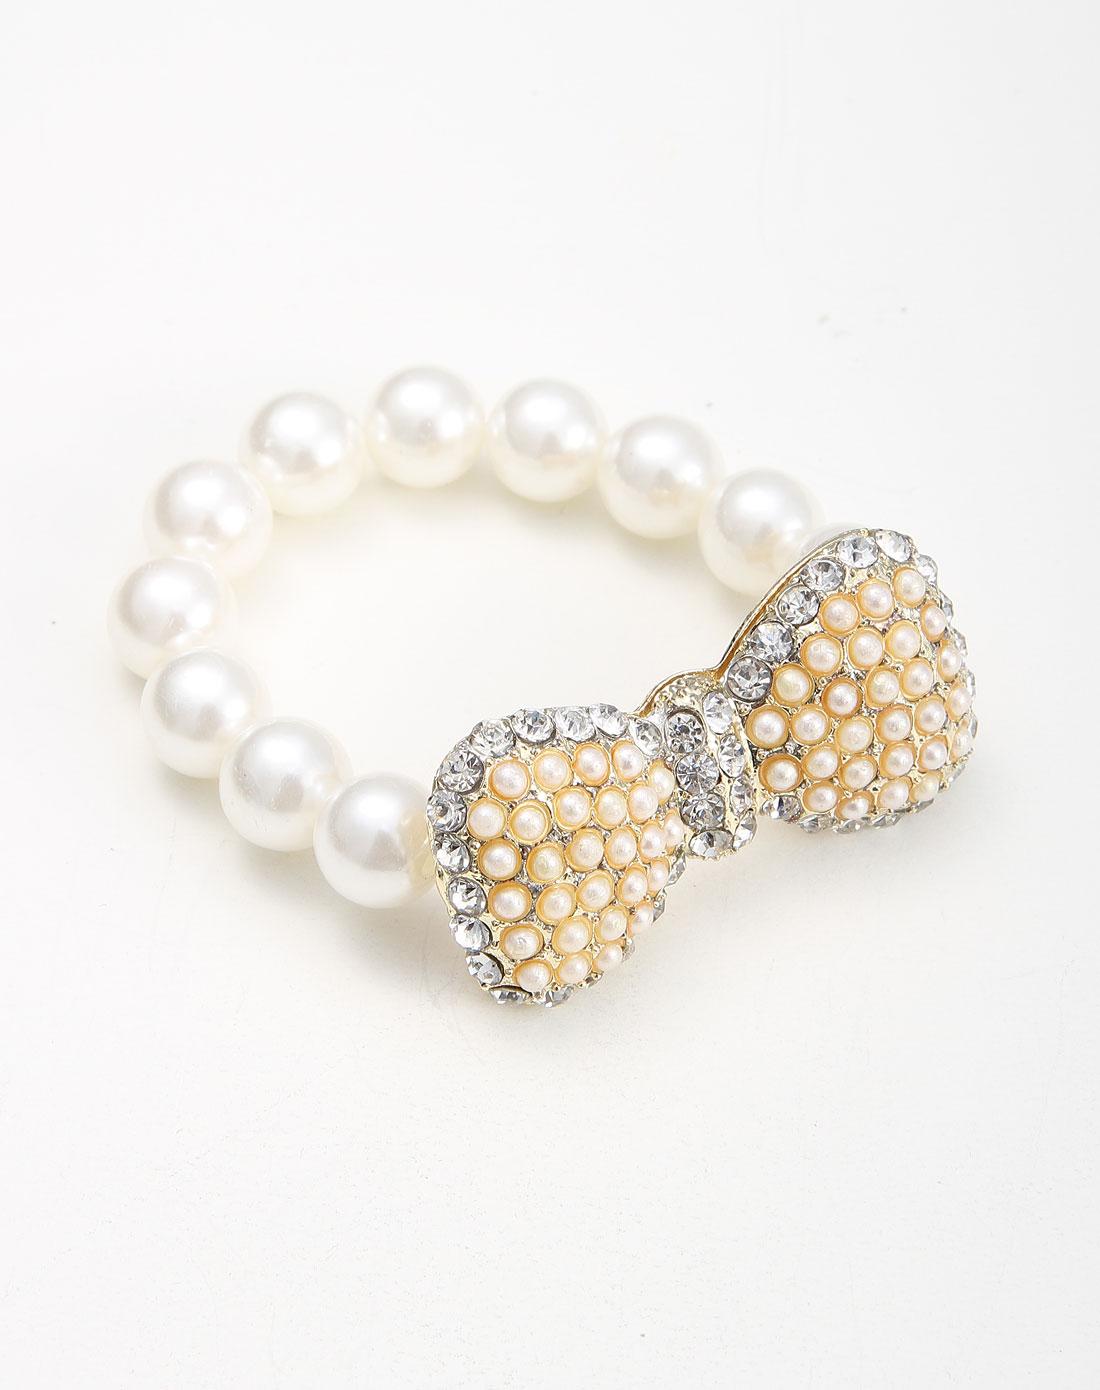 白/金色水晶珍珠可爱蝴蝶结手链